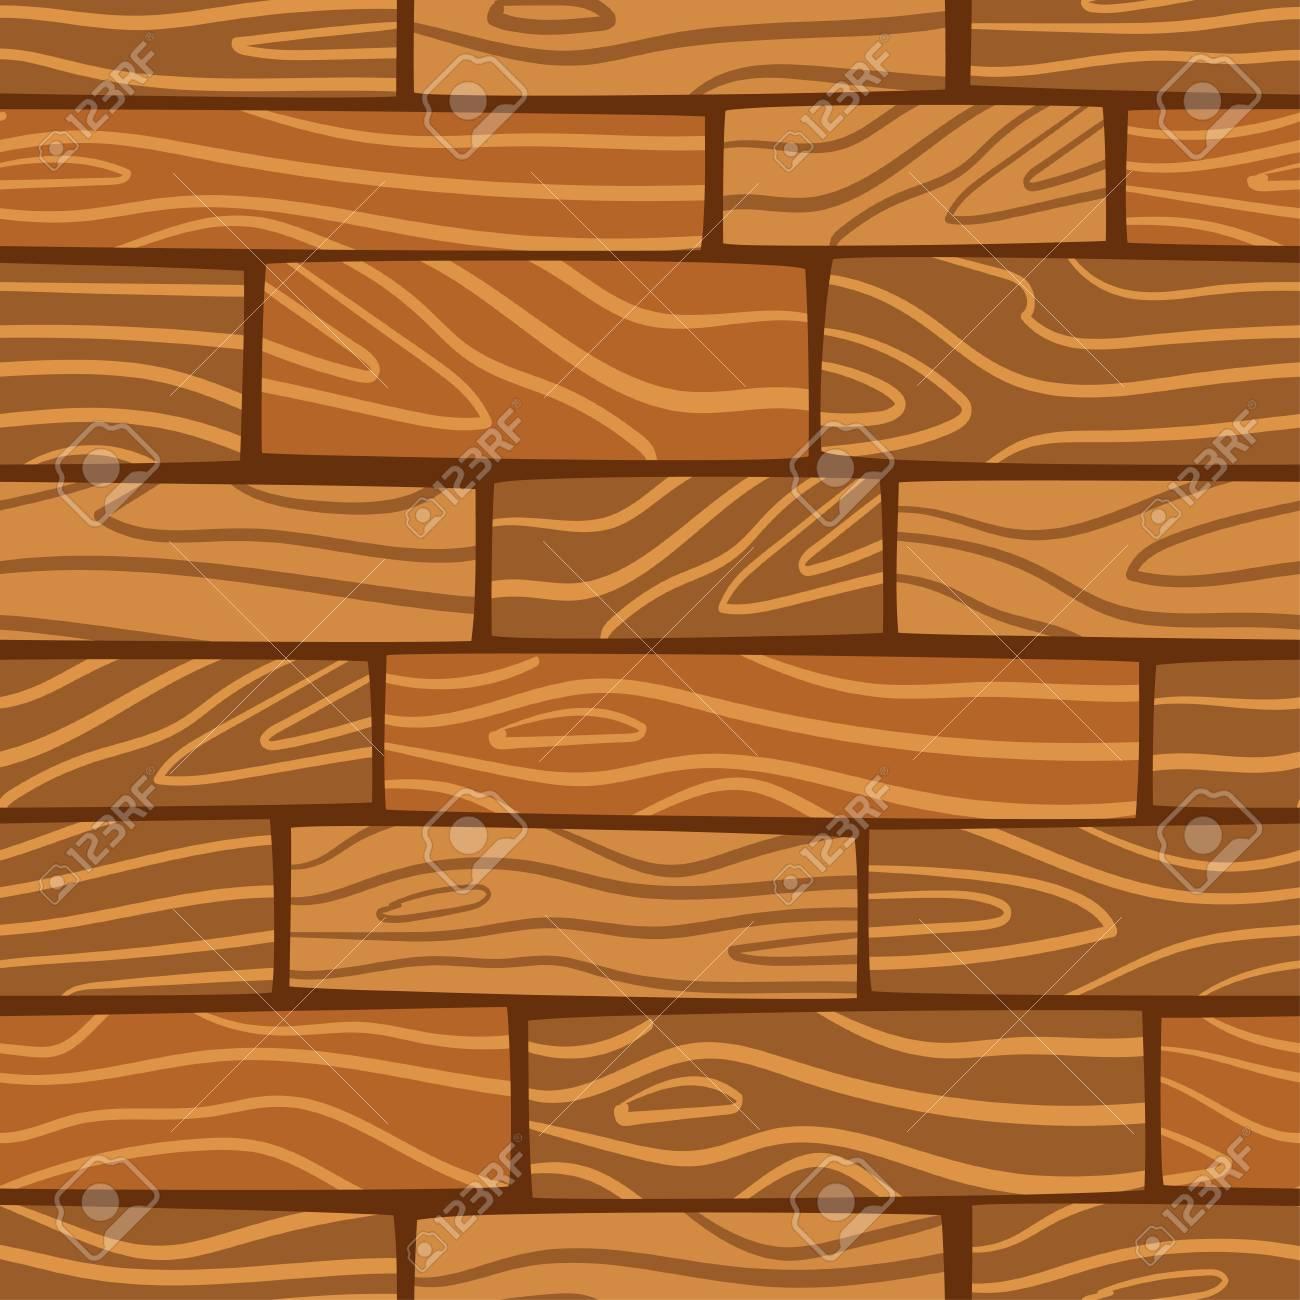 Fond De Texture En Bois Modèle Sans Couture De Vecteur Planches En Bois De Dessin Animé